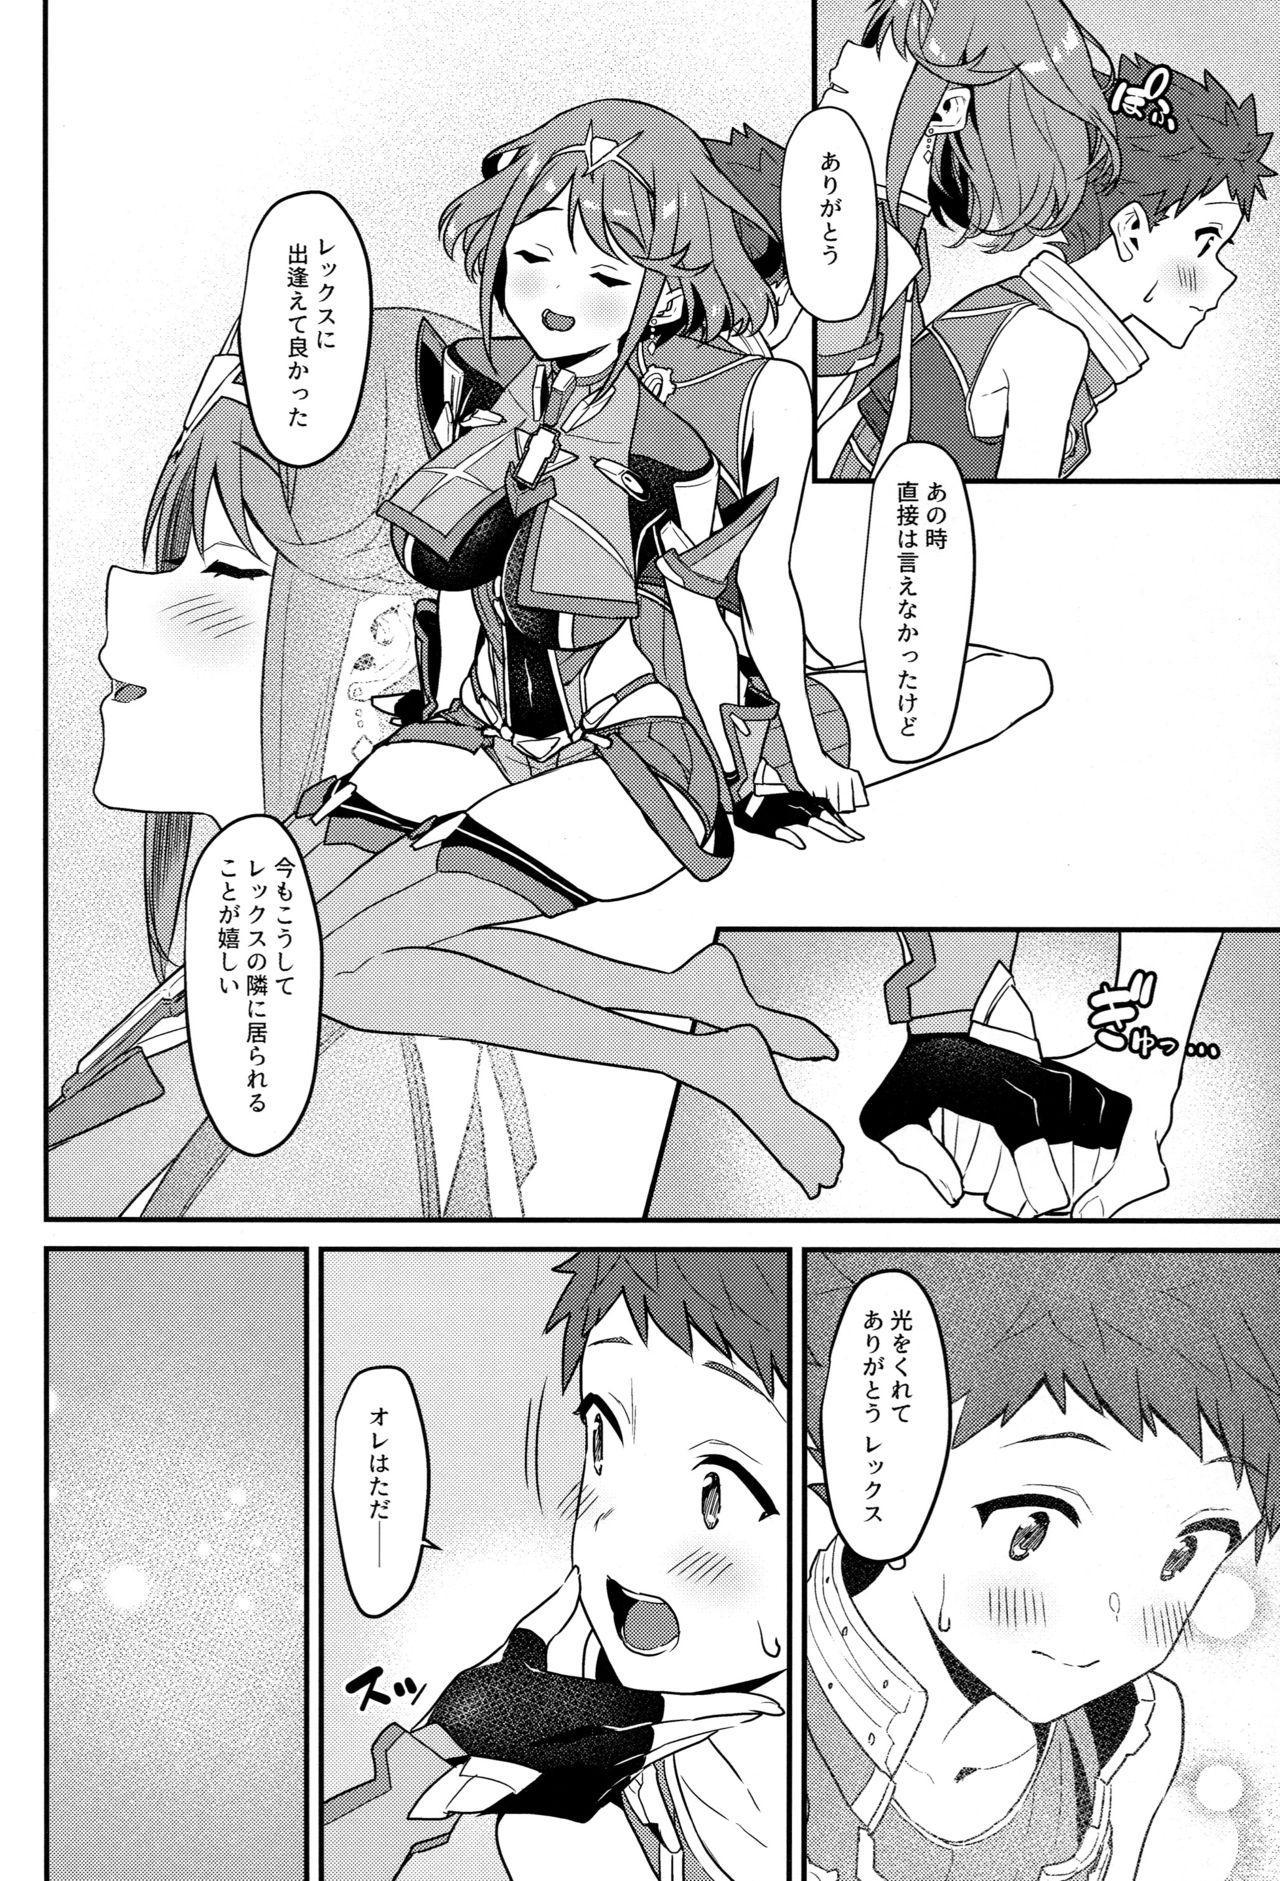 Chouyou no Naka e to 6